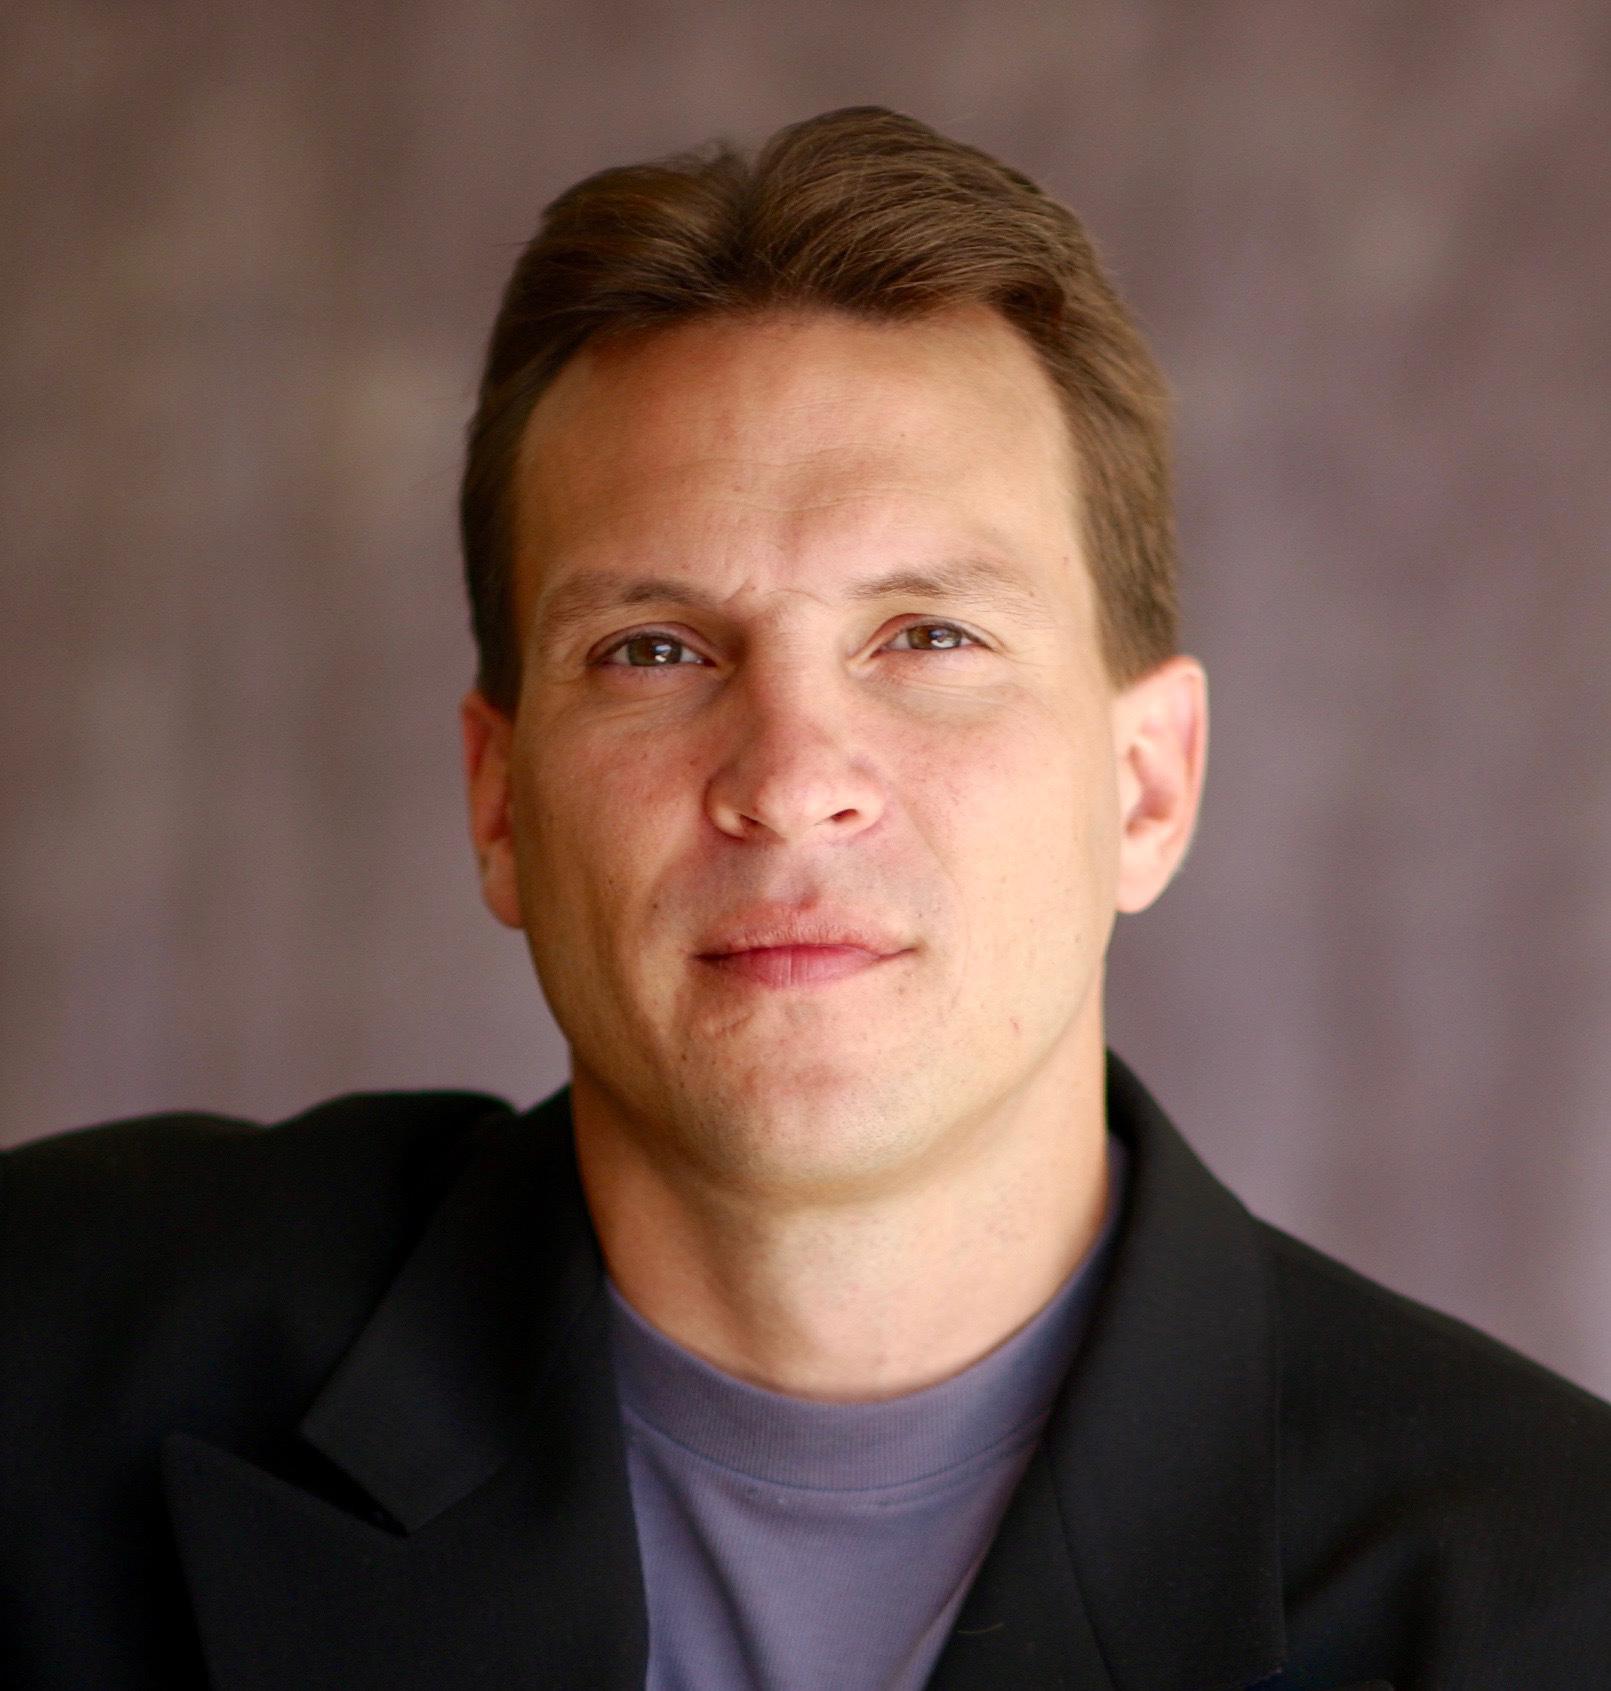 Gregg Goodhart